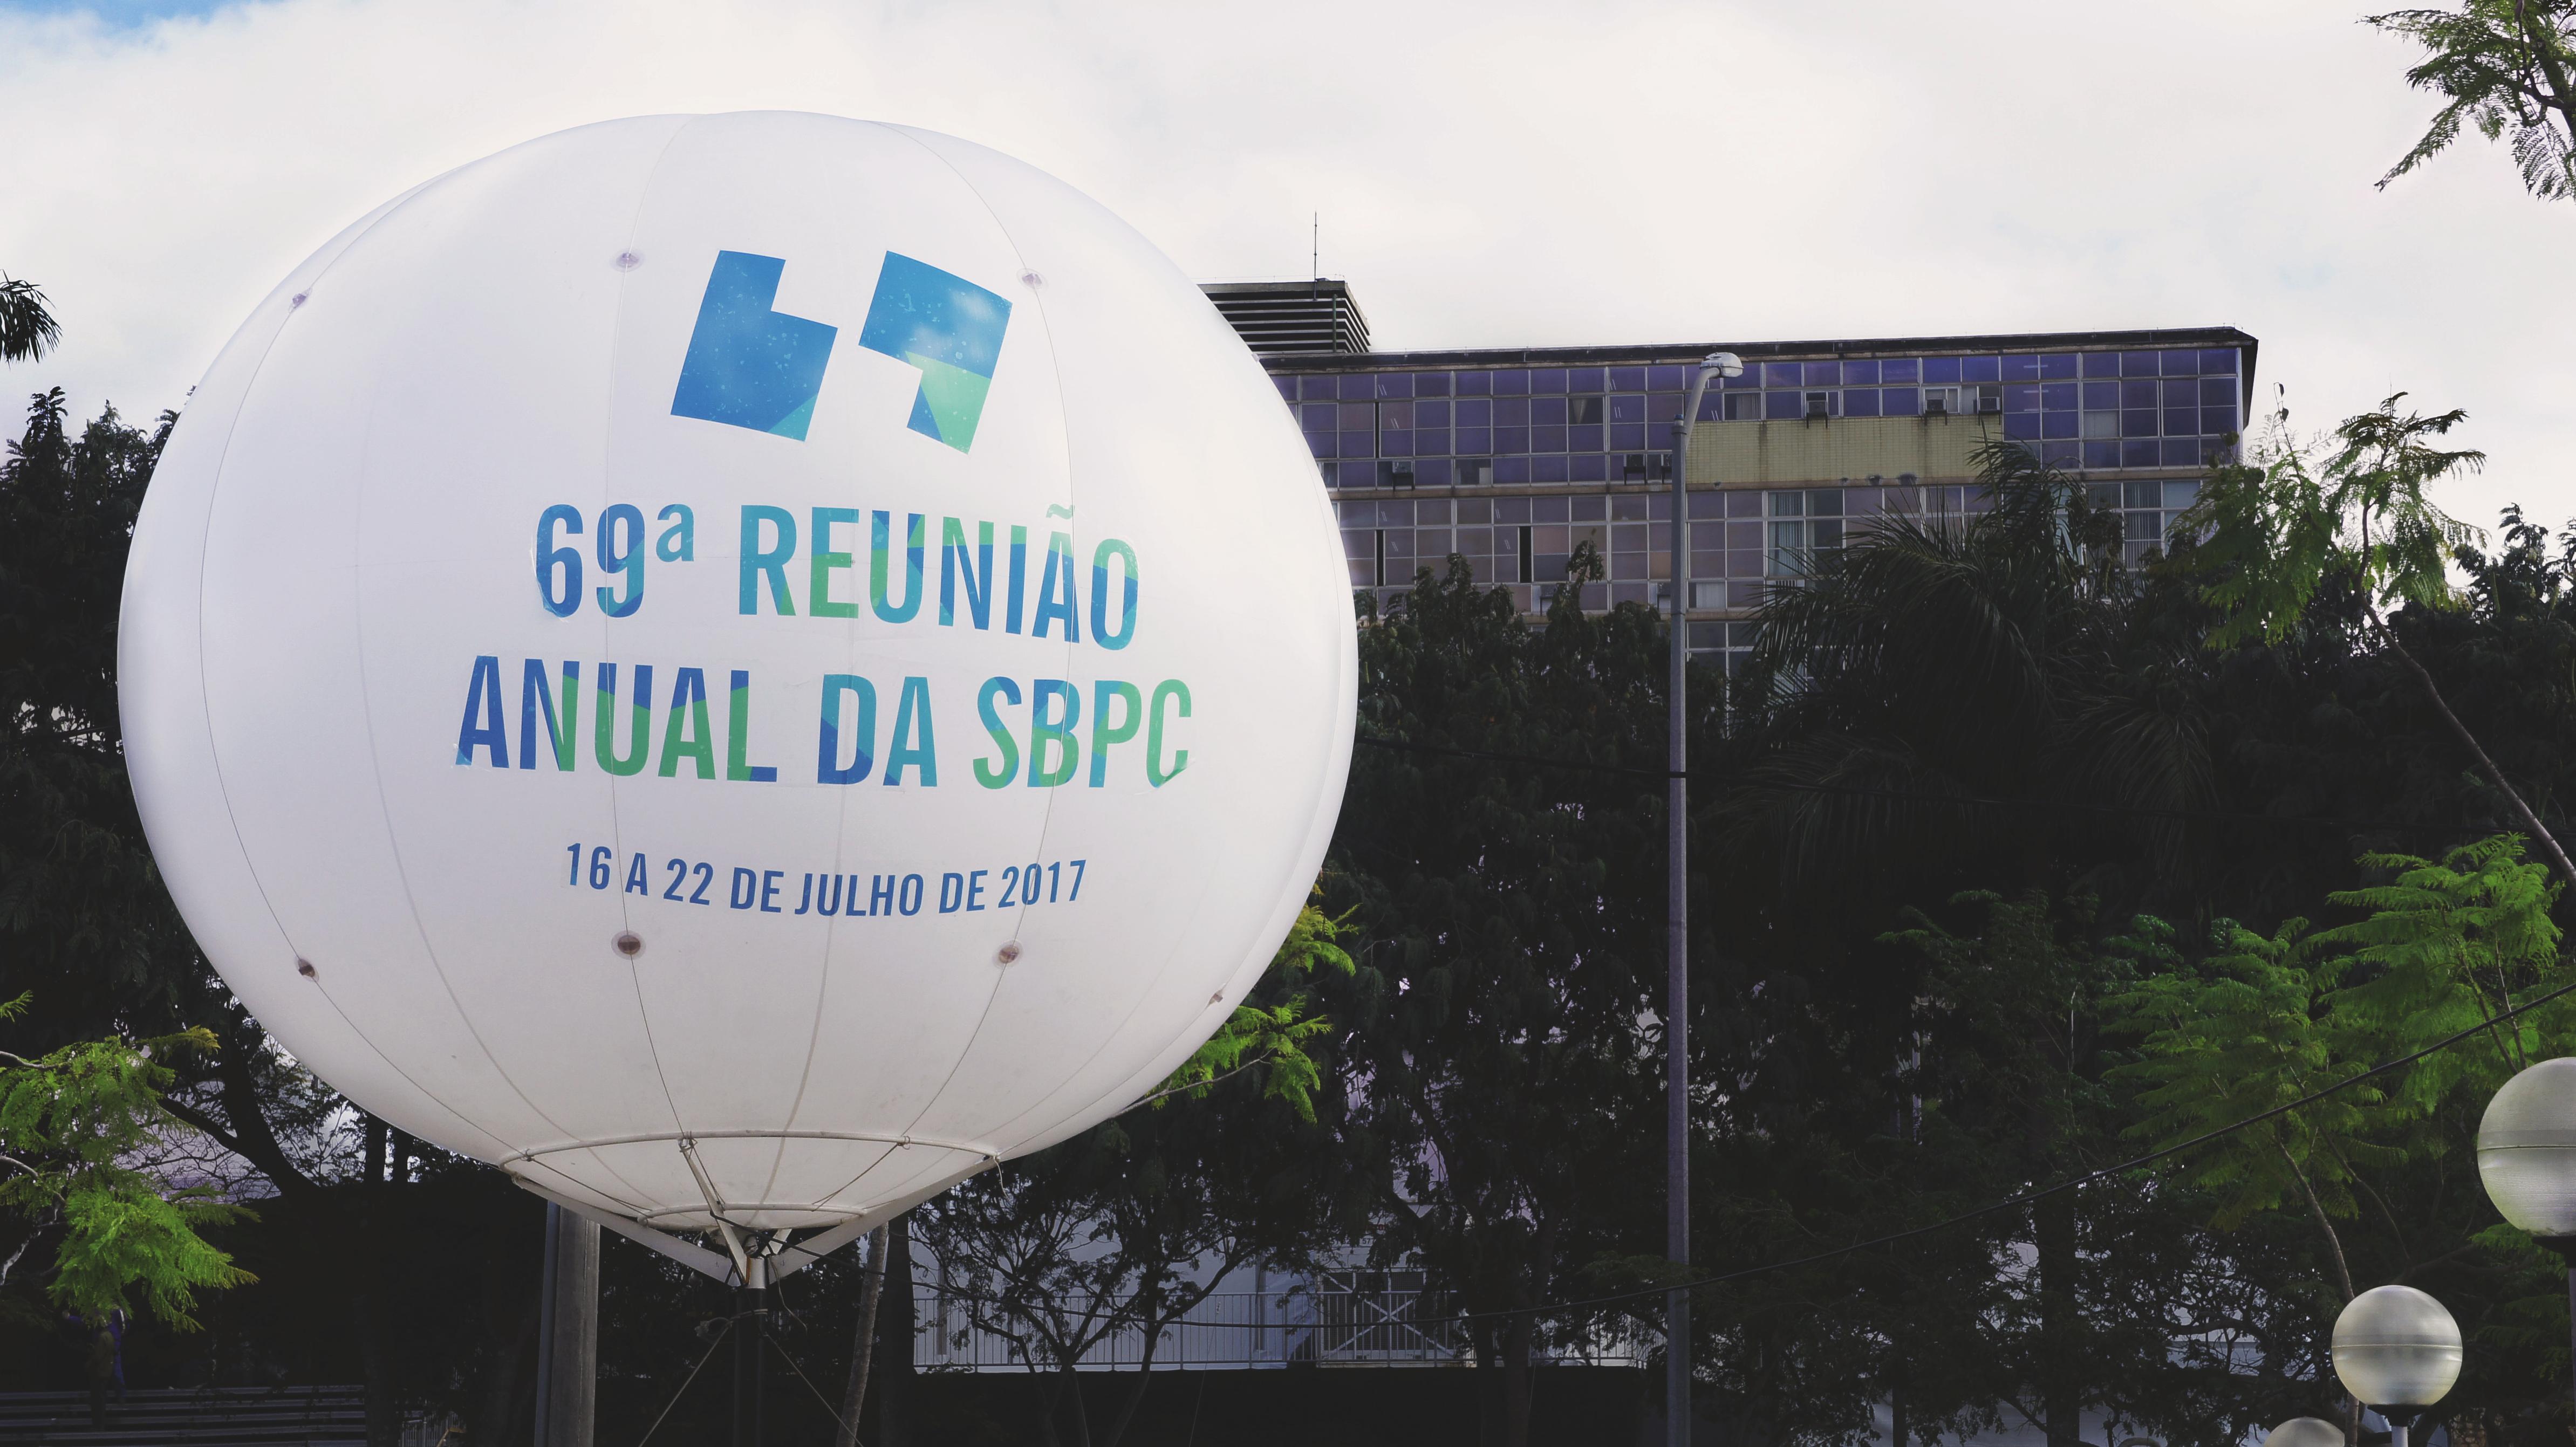 69 Reuniao SBPC